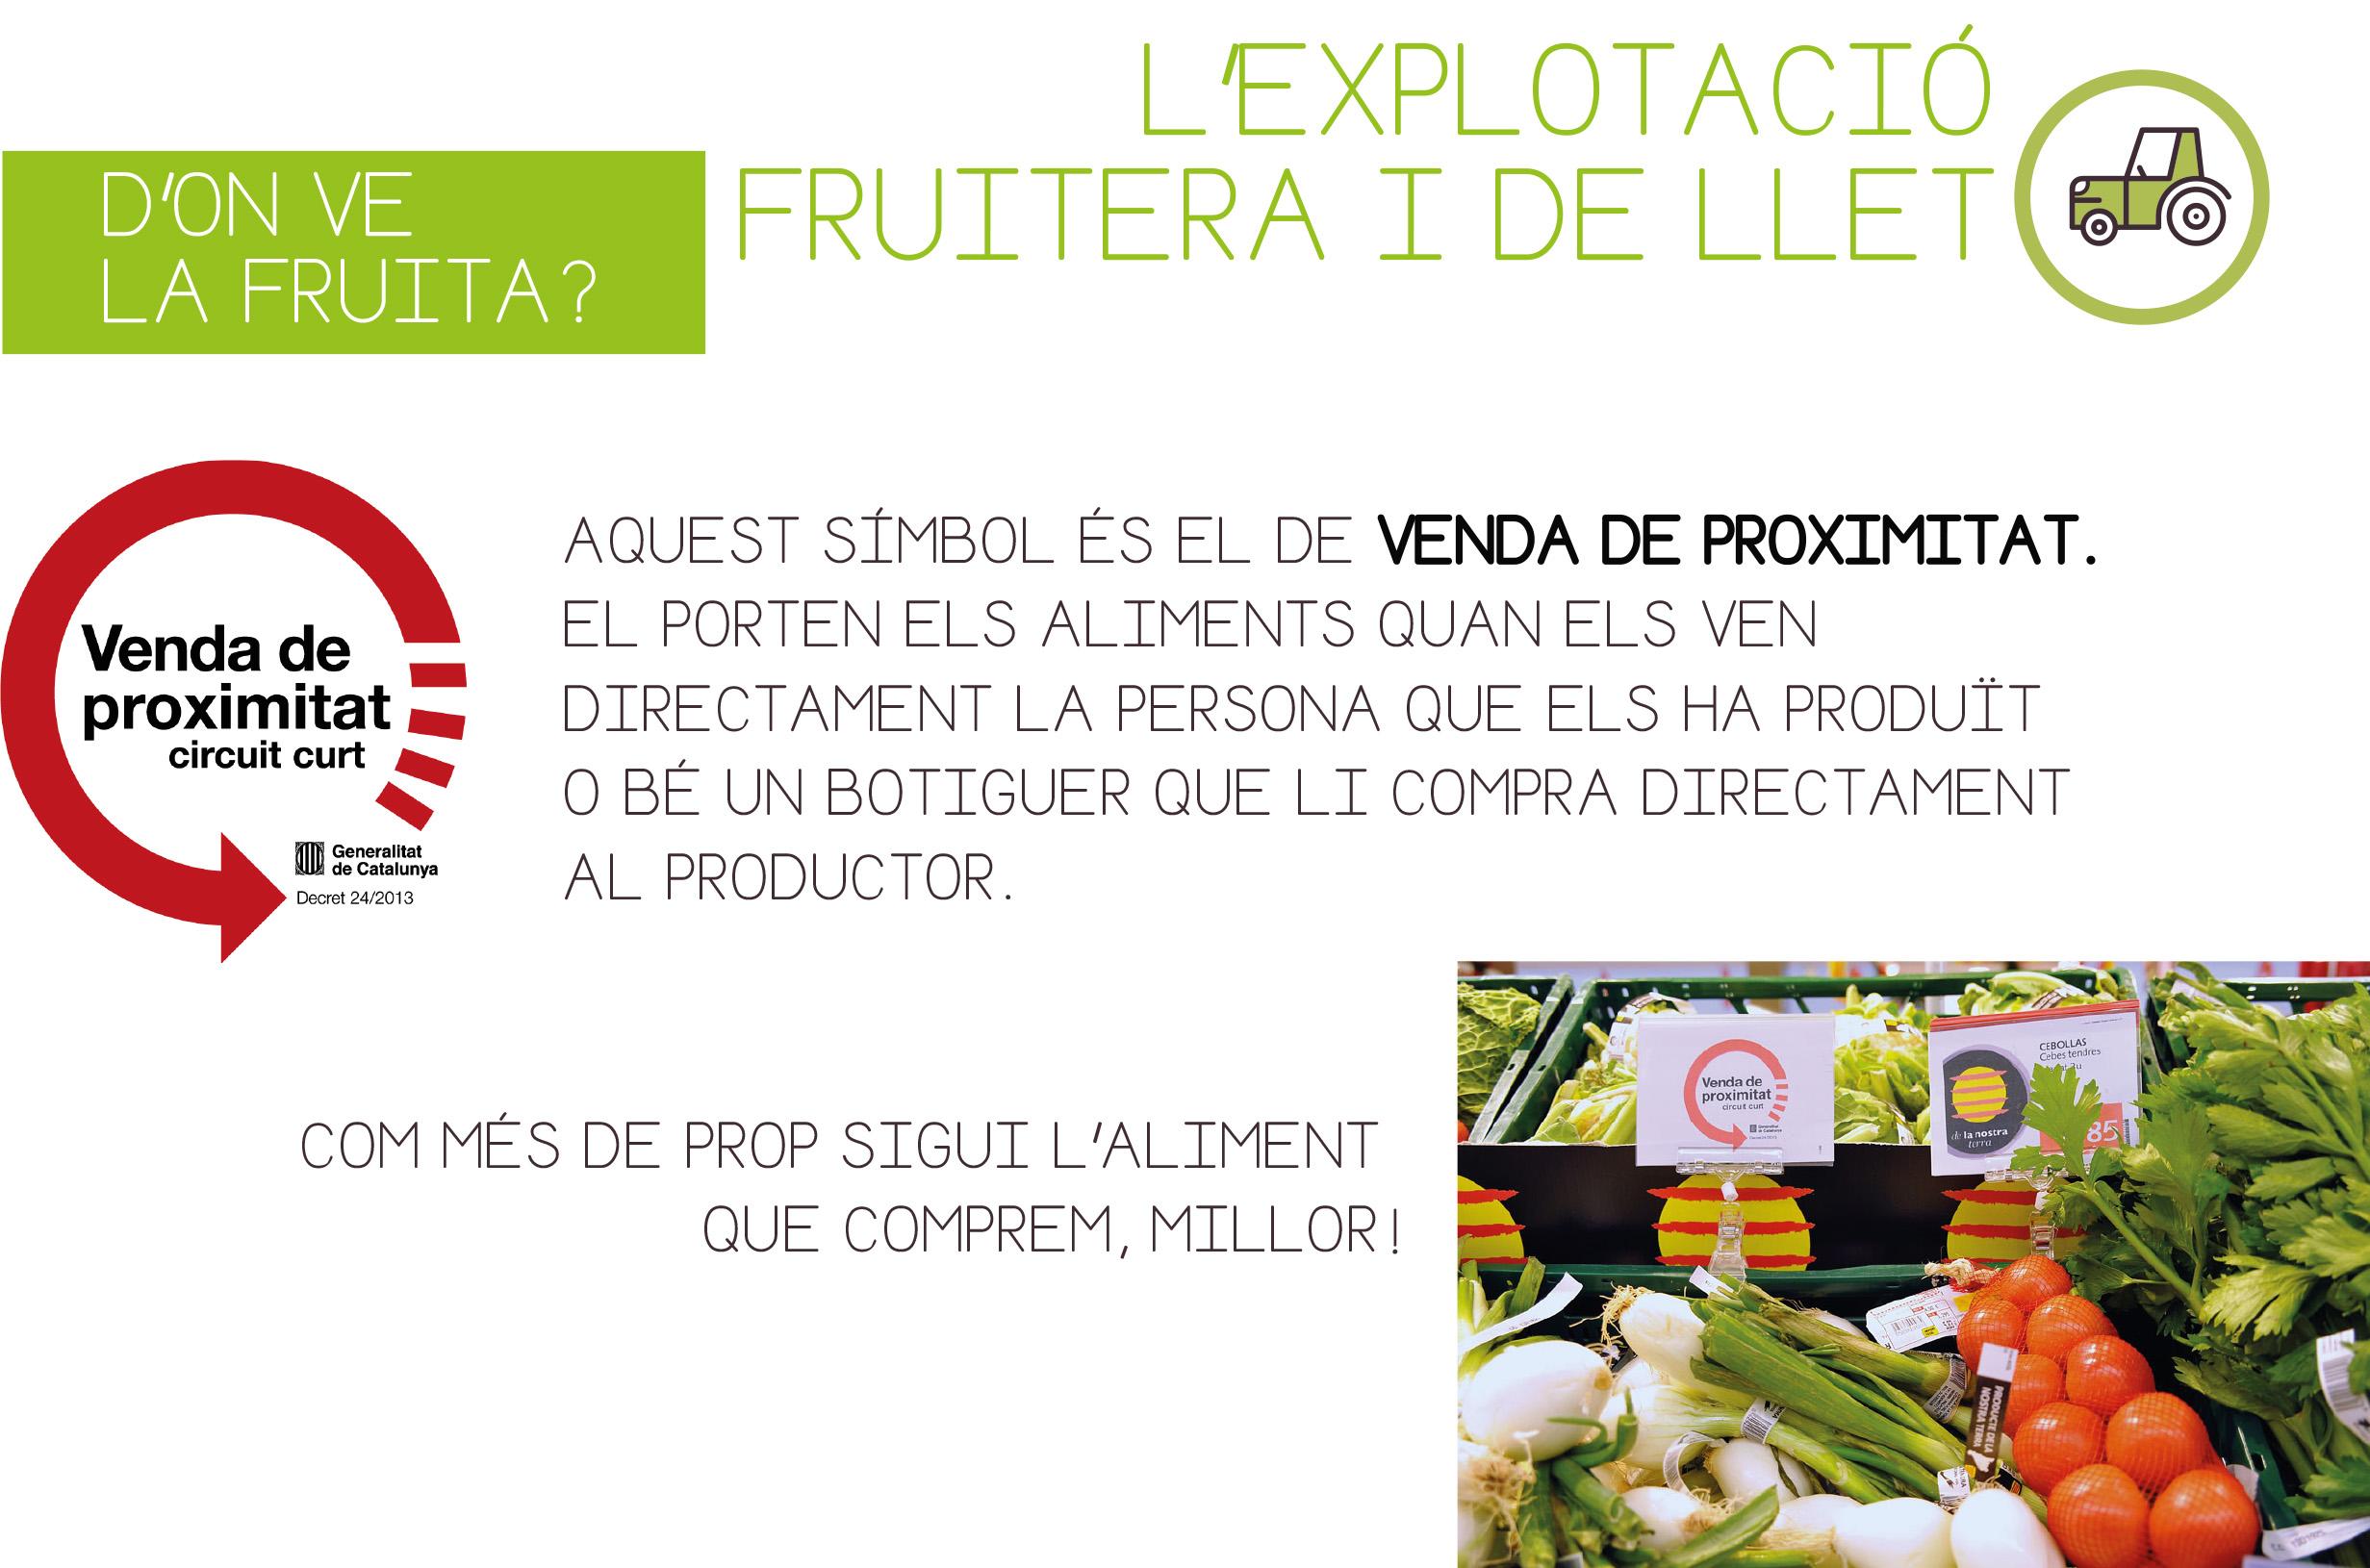 CI-2.6-01 On es cultiva la fruita?